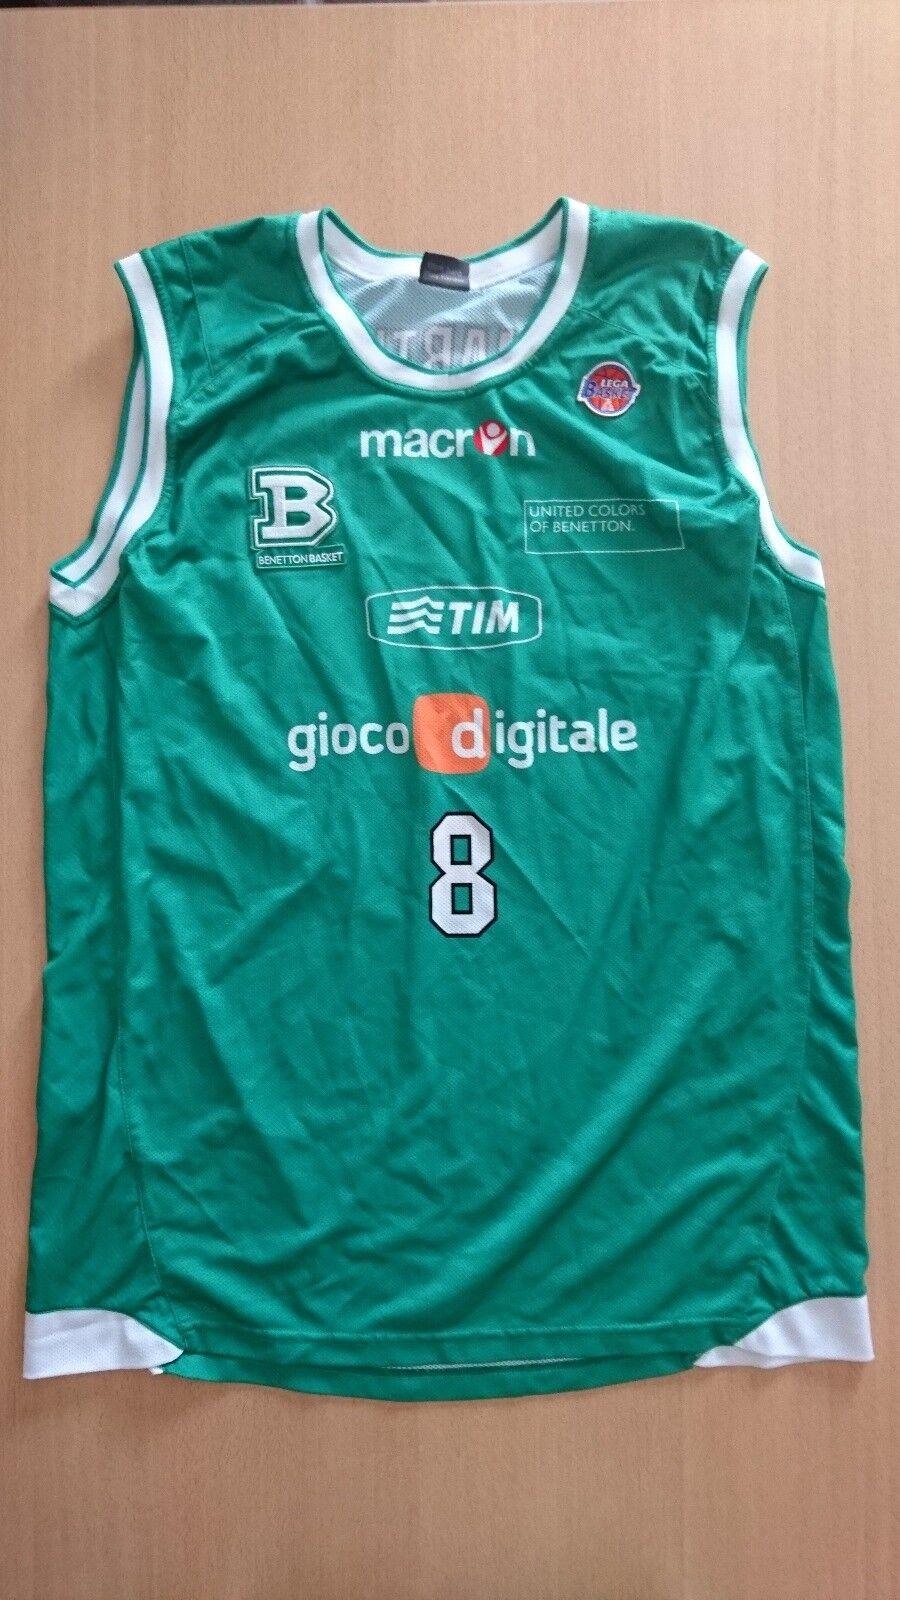 Baloncesto basketball jersey canotta Cartier Martin Benetton Treviso match worn